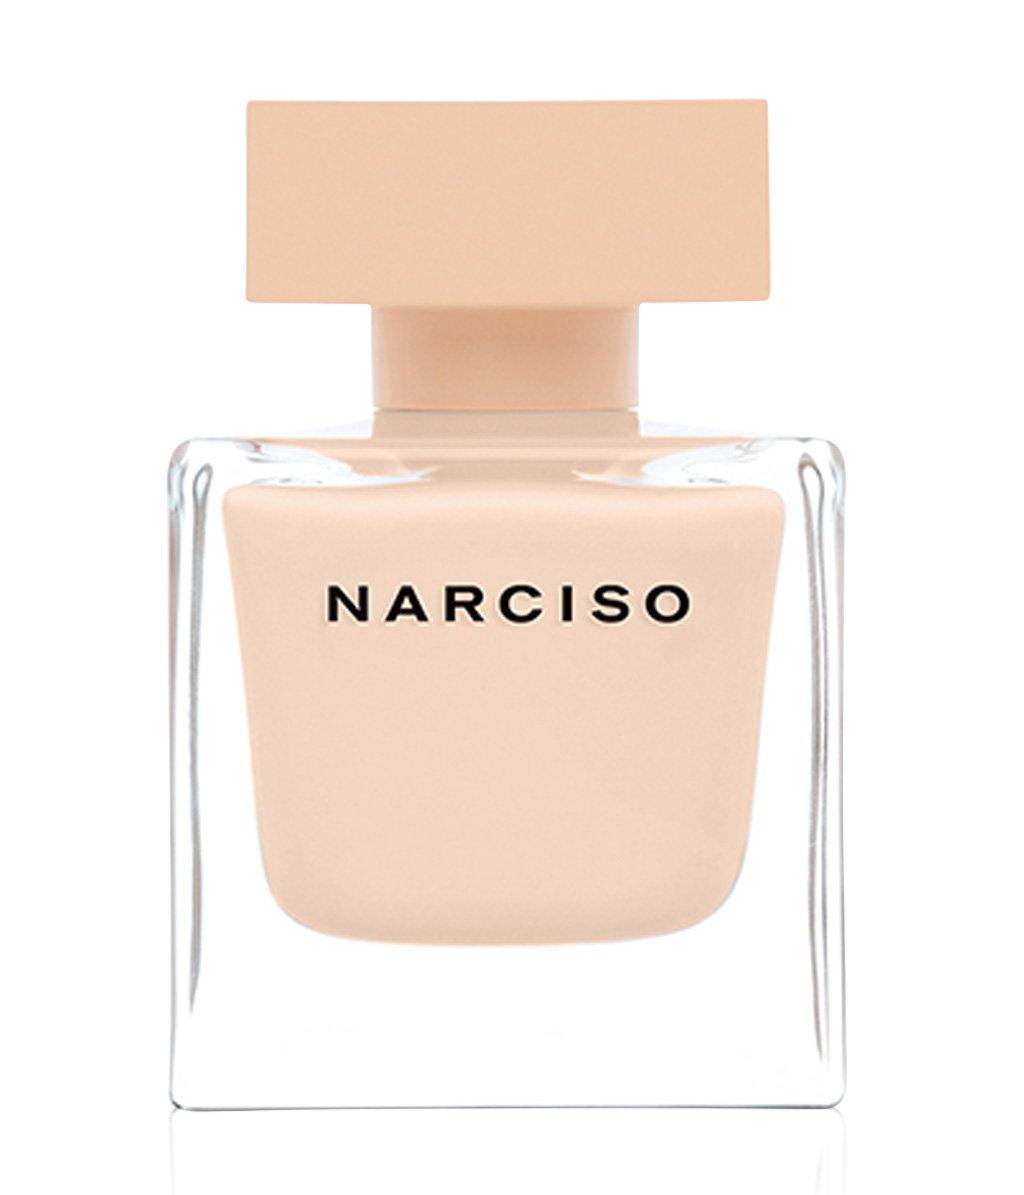 narciso rodriguez narciso poudr e eau de parfum online bestellen flaconi. Black Bedroom Furniture Sets. Home Design Ideas